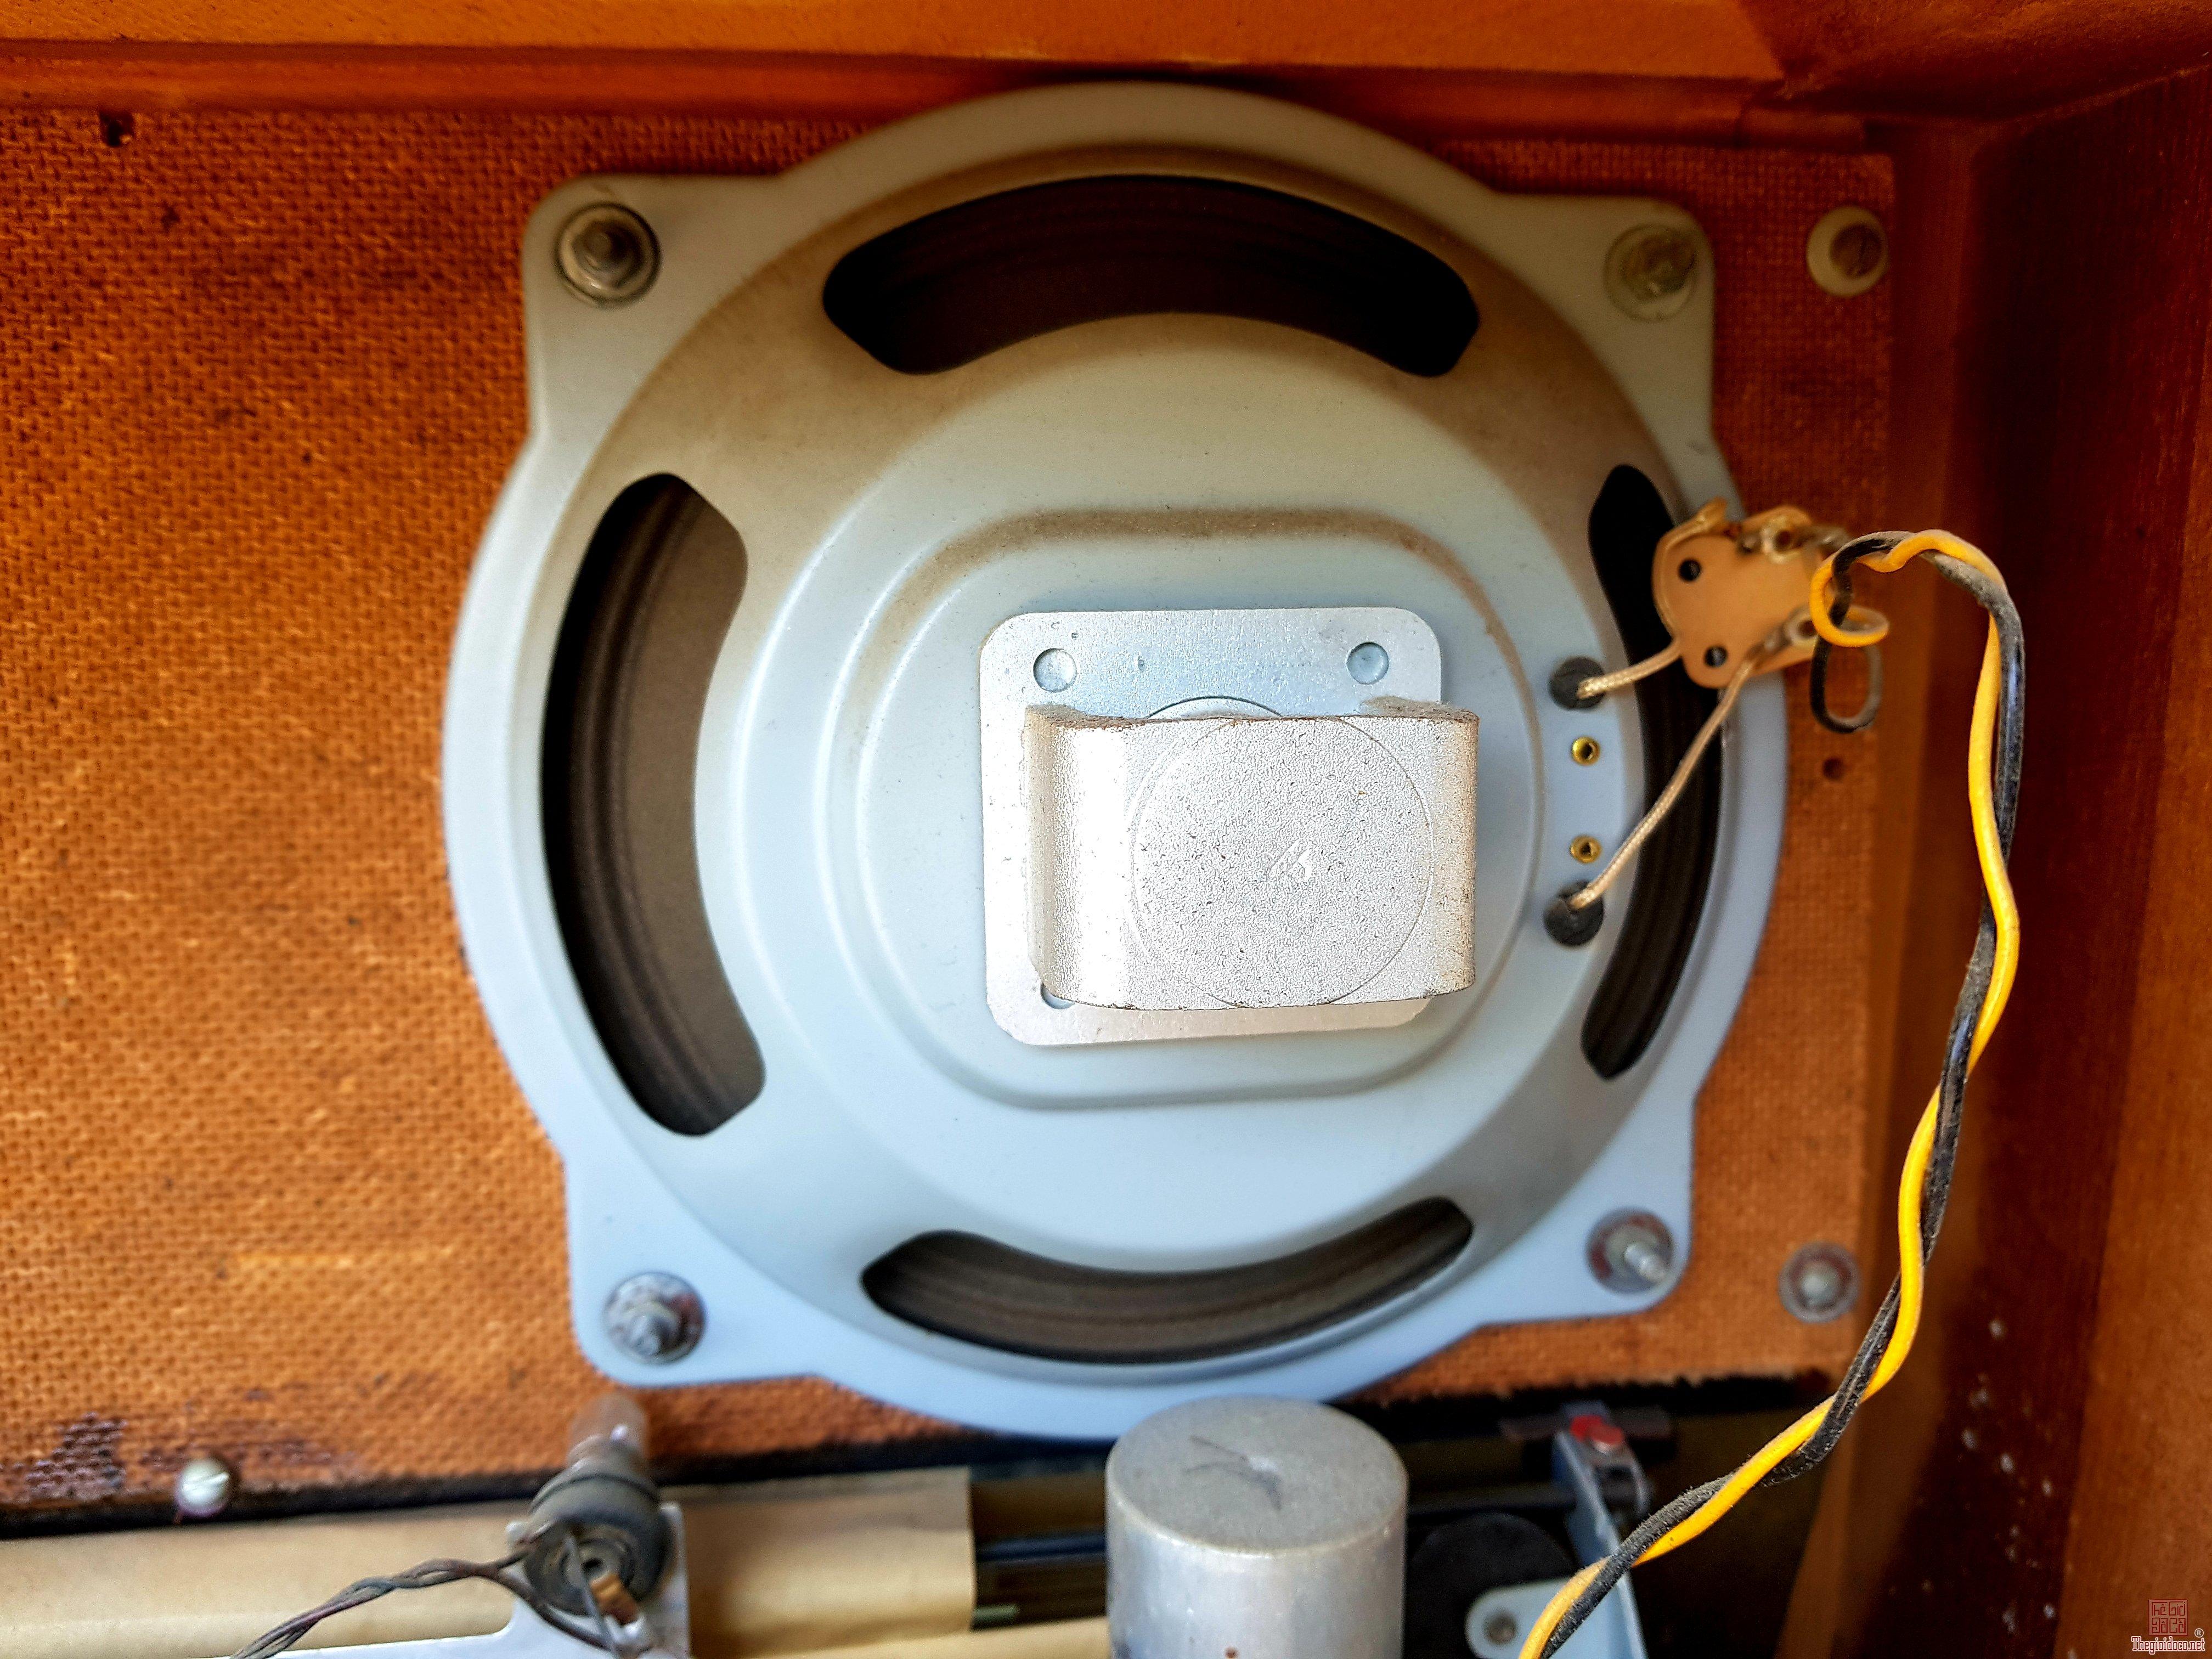 RADIO SCHAUB - Facific 4077 Xài Bóng Đèn